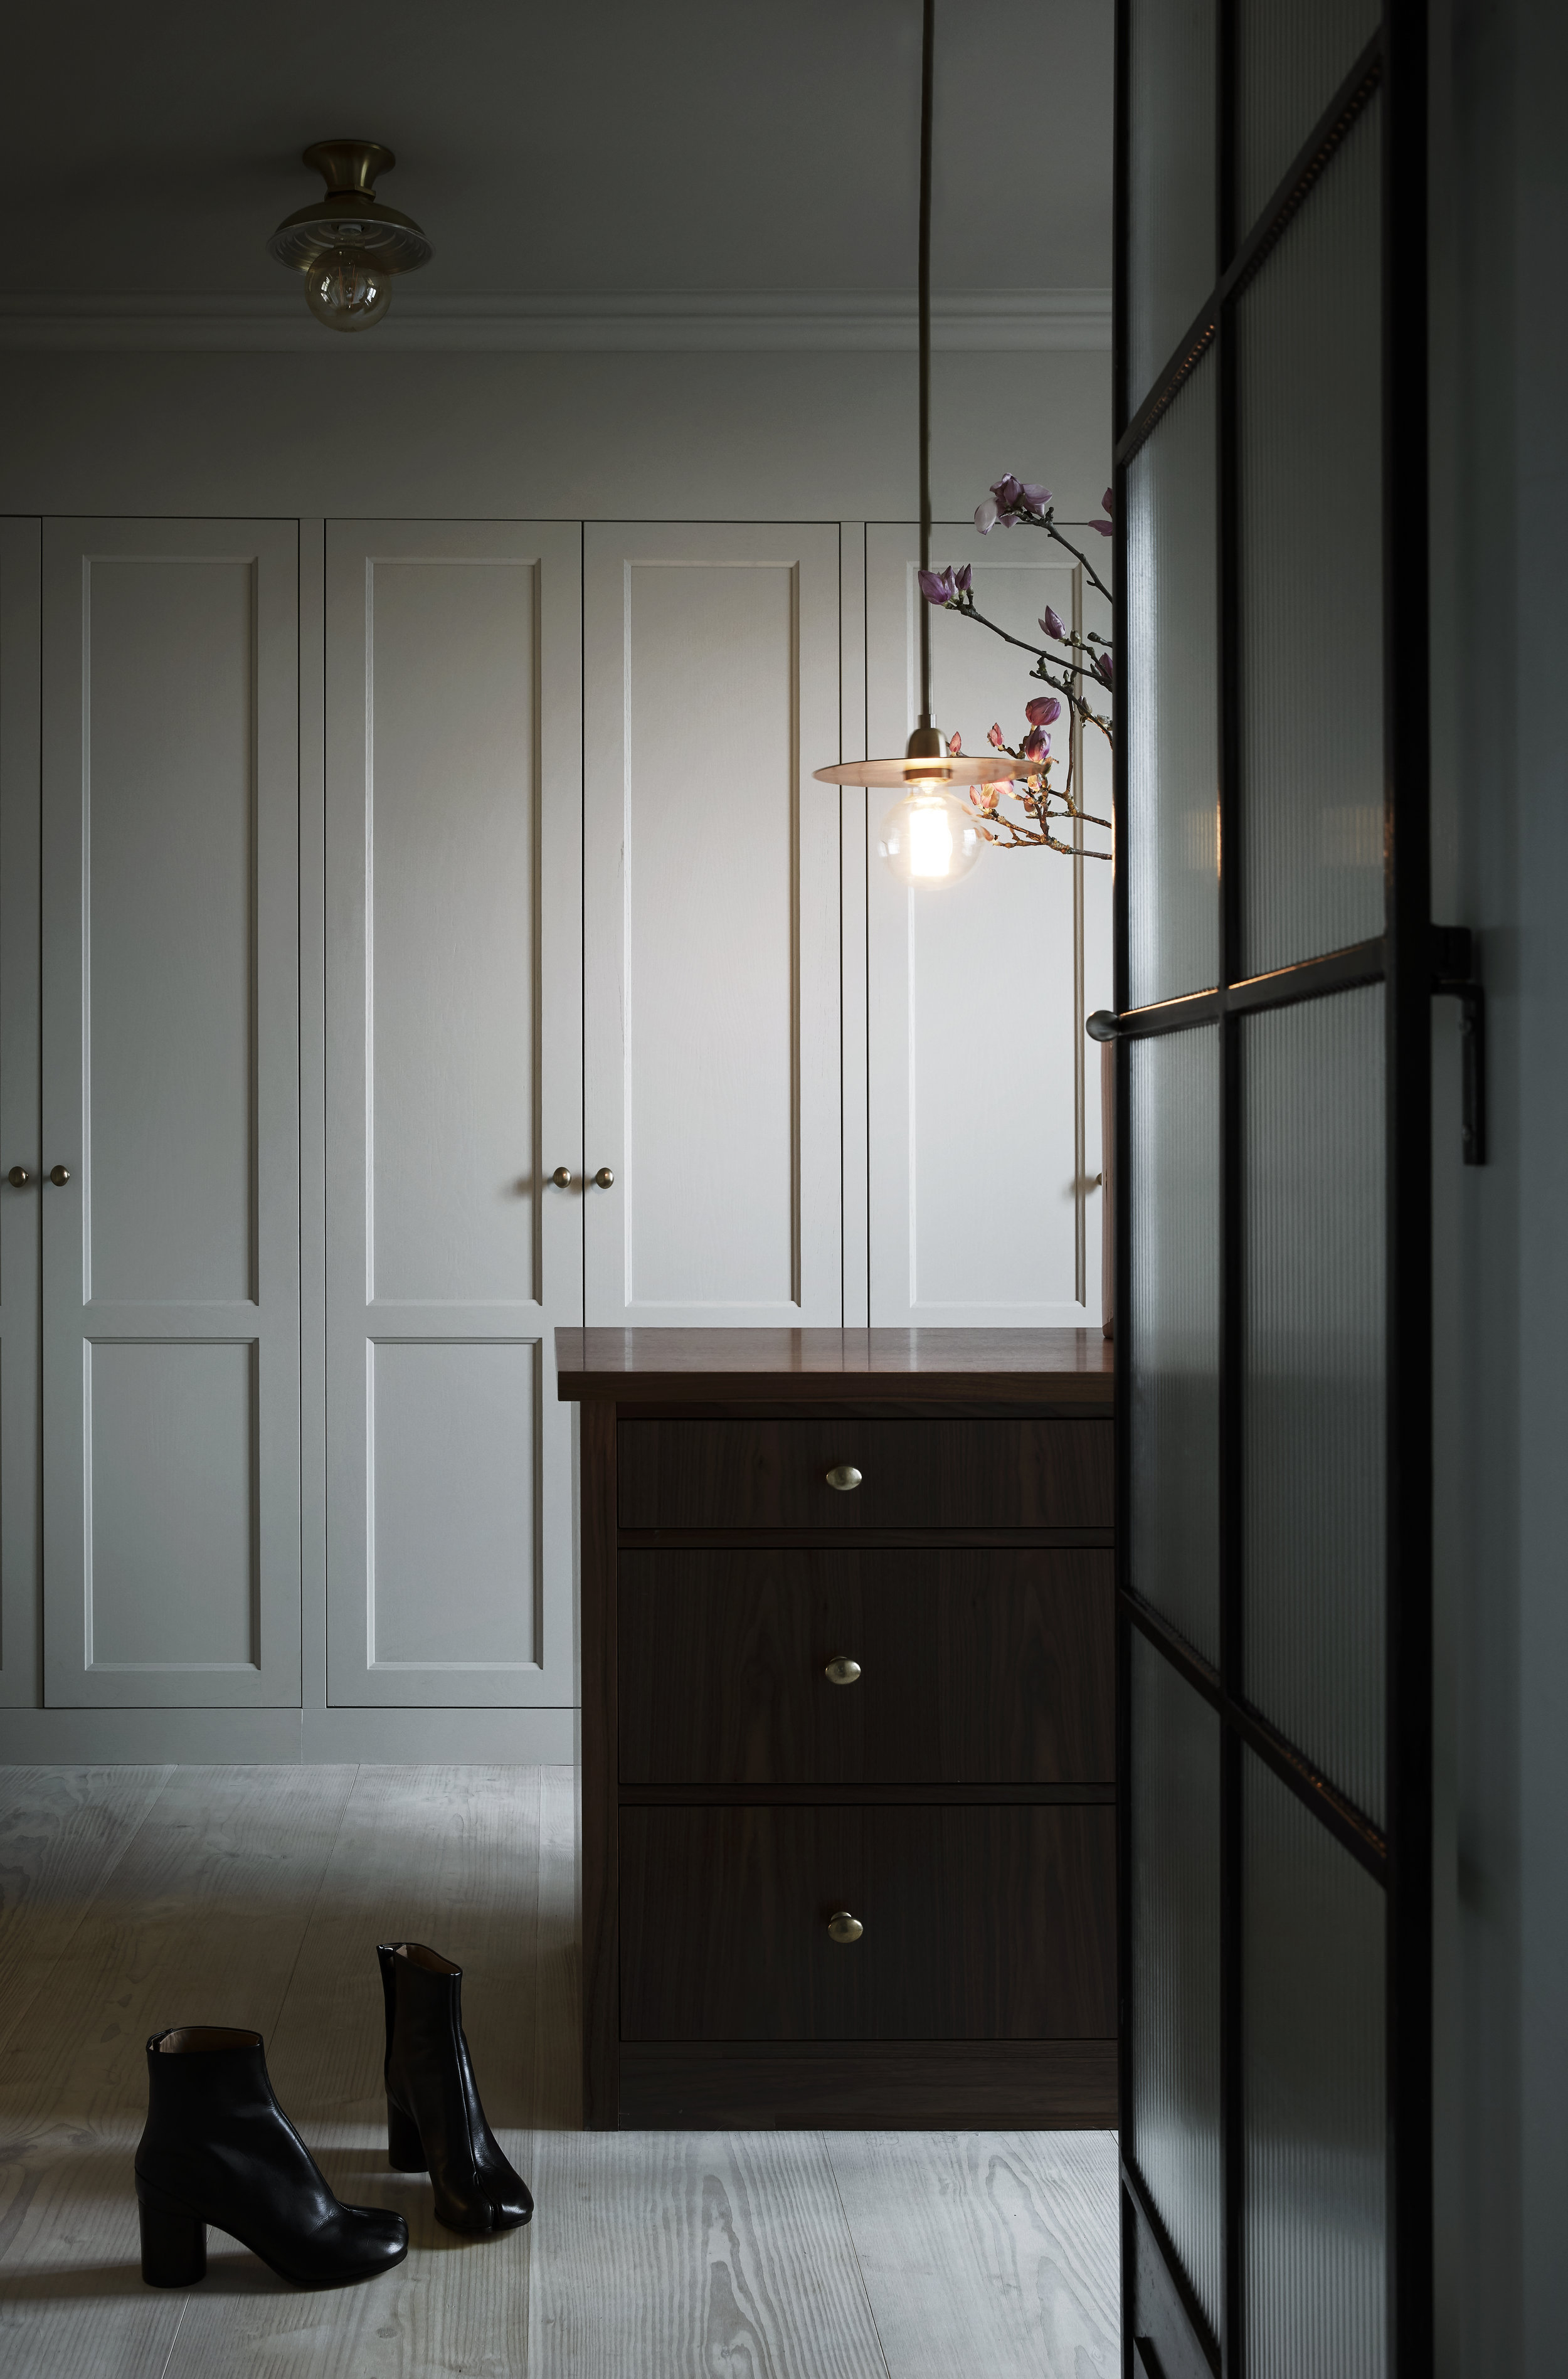 2018-01-31-kitchen-and-beyond-talludden-badrum-closet0919 kopiera.jpg